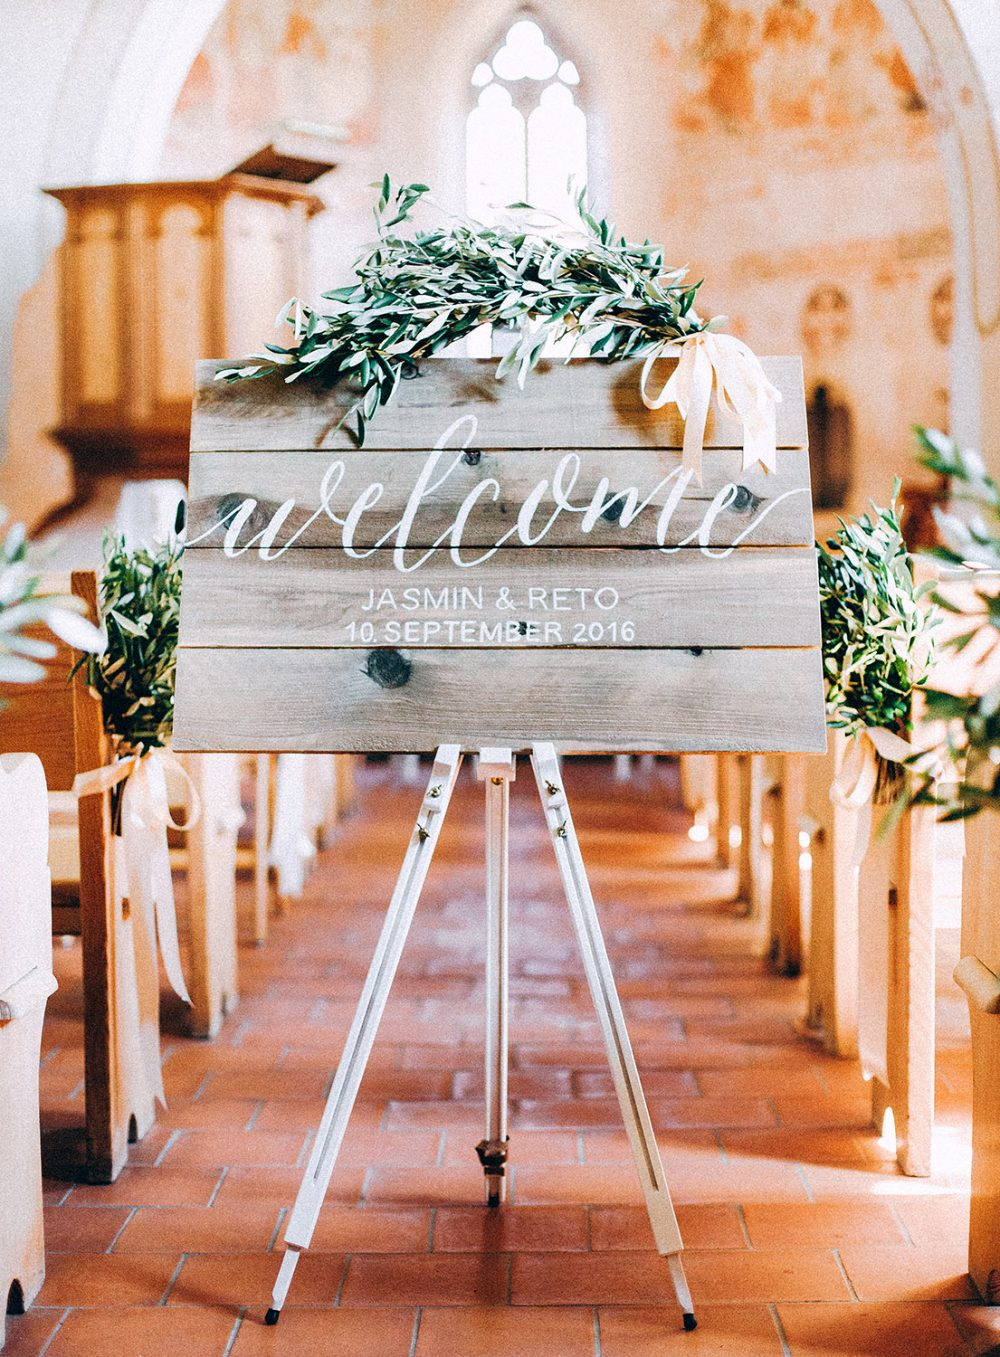 Olive Olivenzweige Hochzeit Bern Etsy Switzerland Hochzeitsdekoration Tabea Maria-Lisa Willkommensschild Vintage Boho